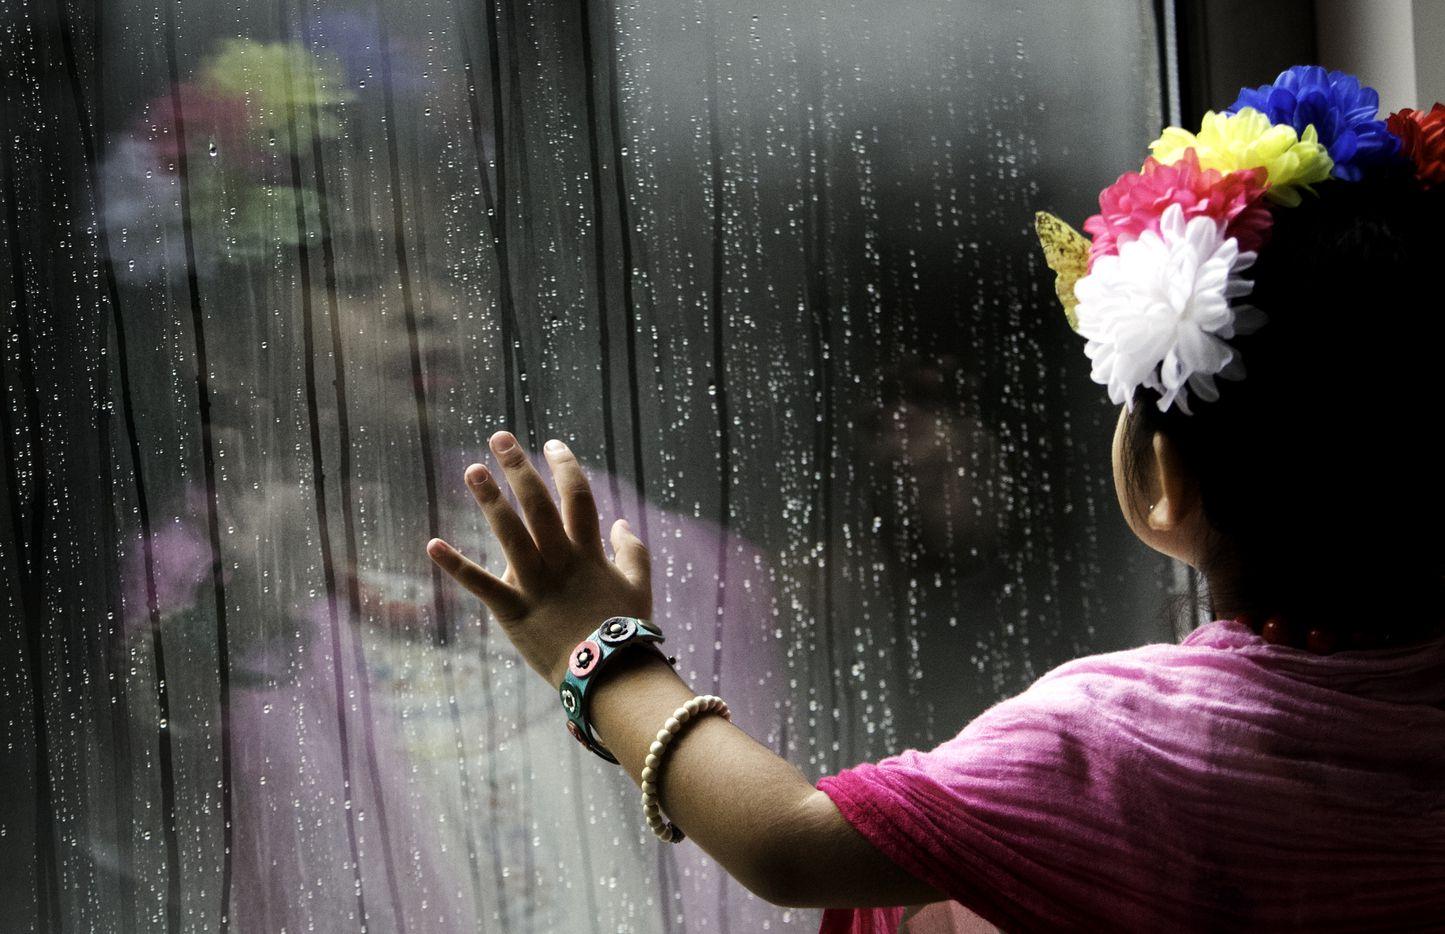 Marley Leyva, 4, watches rain roll down a window during the Frida Fest.